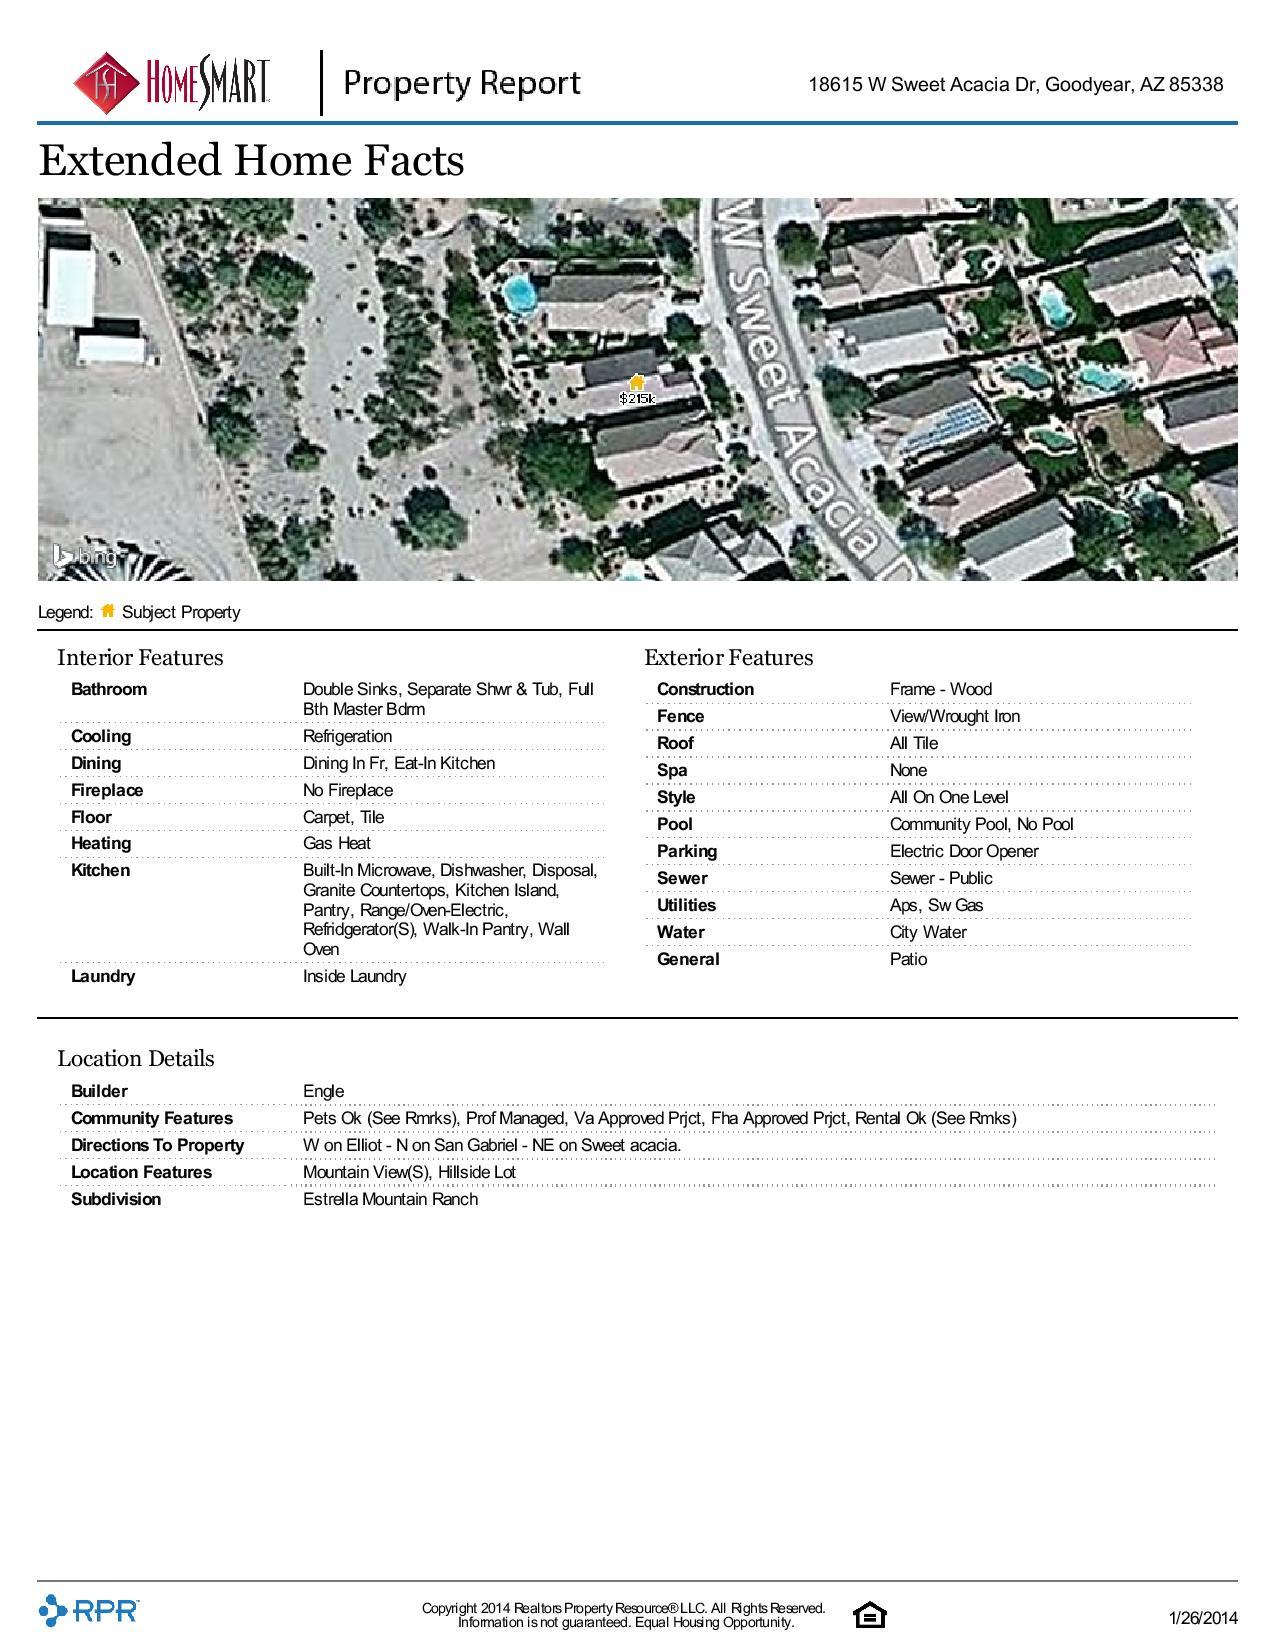 18615-W-Sweet-Acacia-Dr-Goodyear-AZ-85338.pdf-page-004